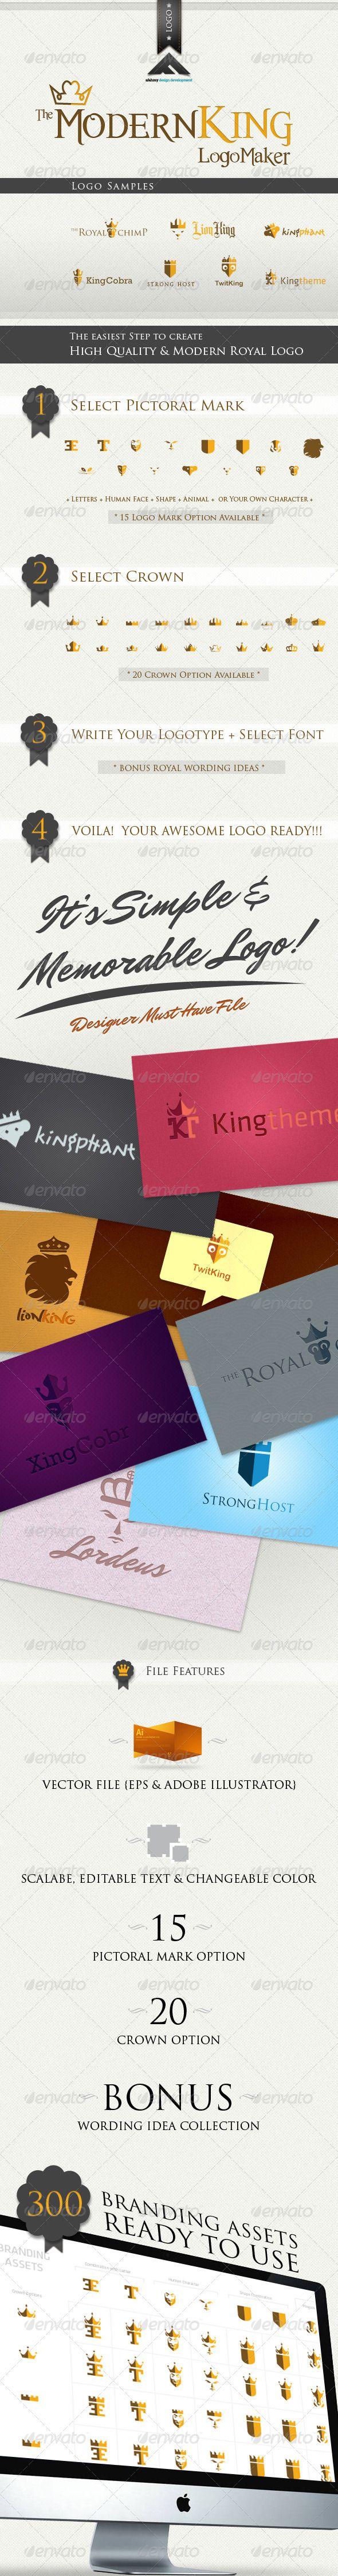 Modern King Logo Kit  — EPS Template #illustrator logo #Letter Logo • Download ➝ https://graphicriver.net/item/modern-king-logo-kit/512427?ref=pxcr